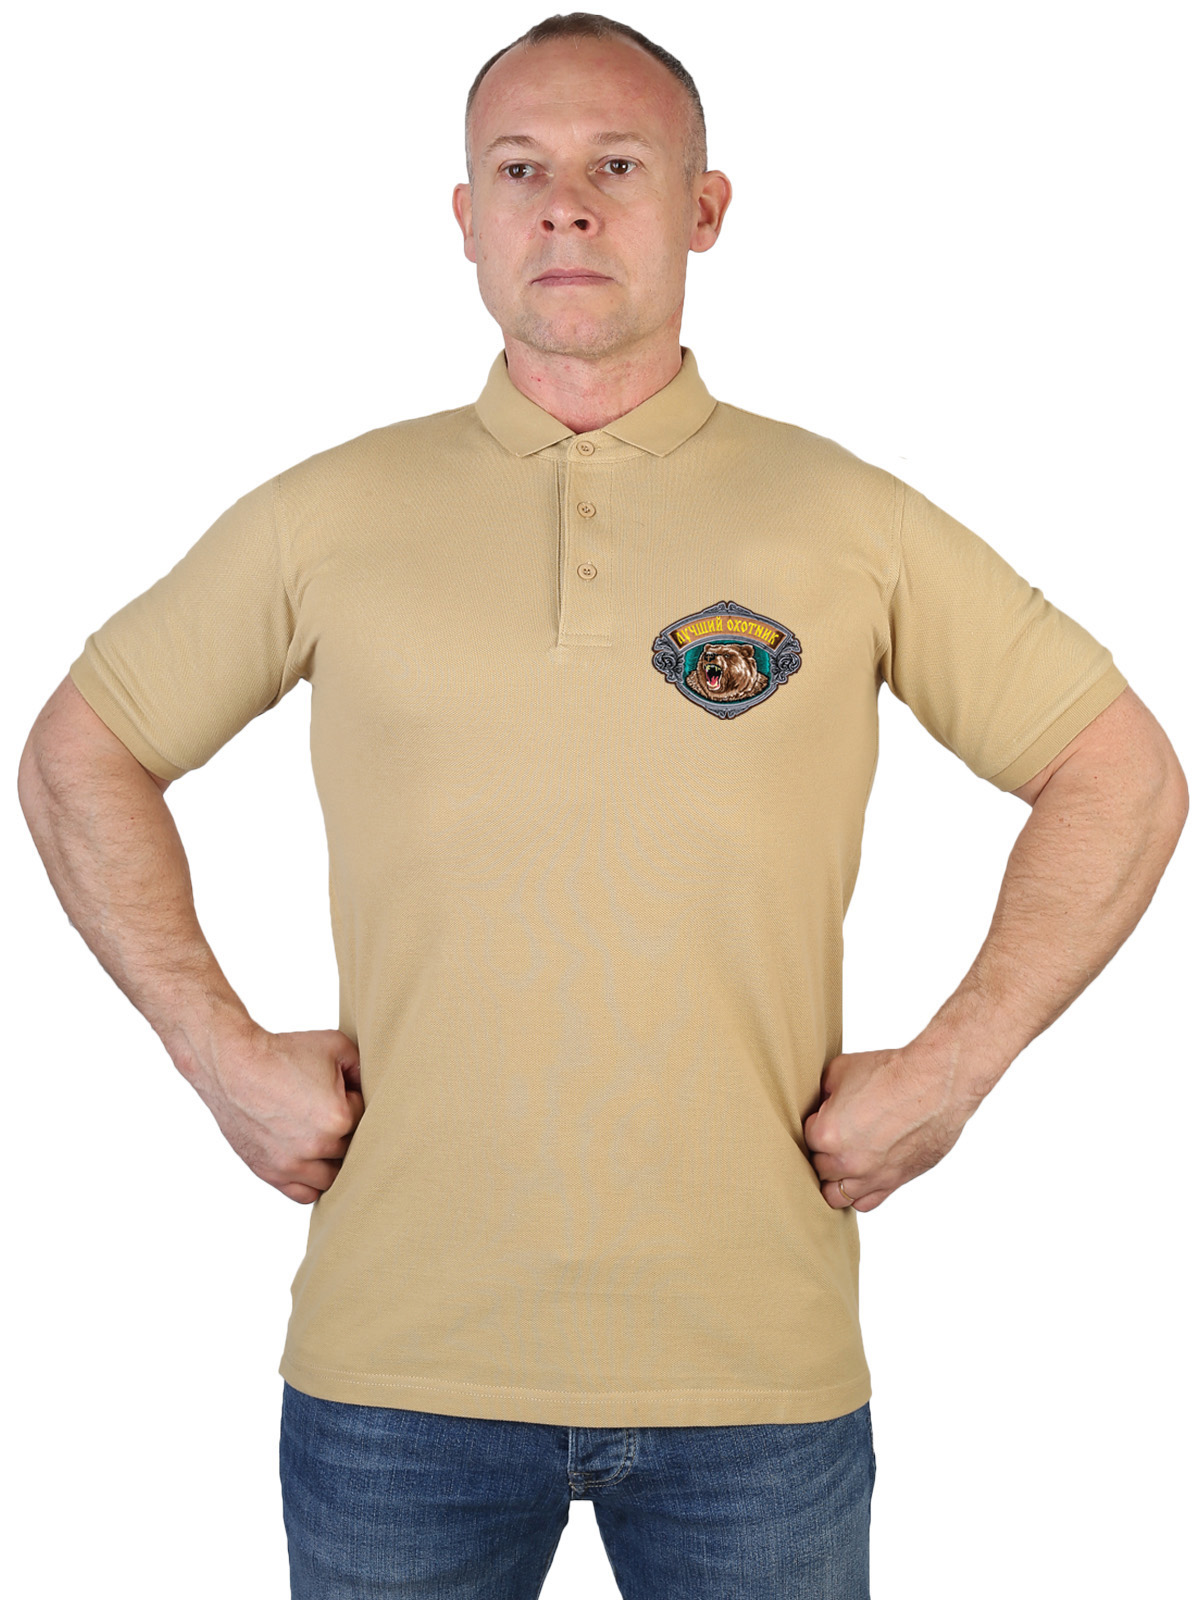 Купить мужскую оригинальную футболку-поло с вышивкой Лучший Охотник онлайн